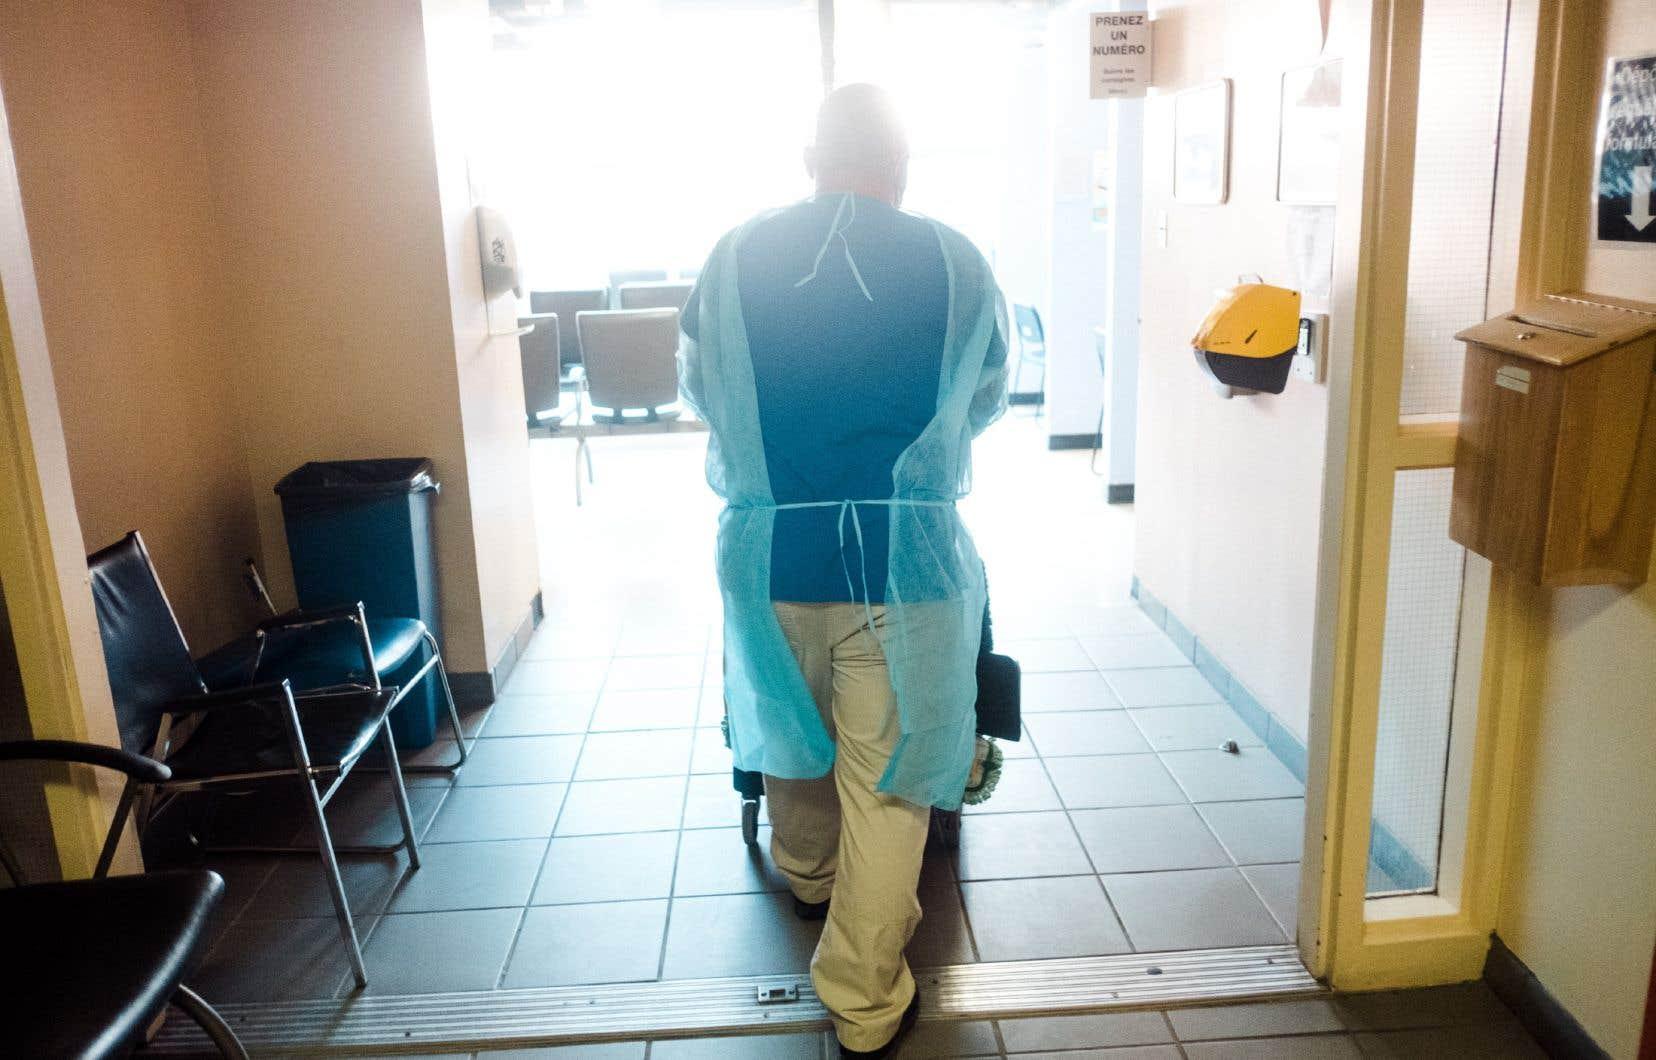 Les préposés aux bénéficiaires devraient gagner le même salaire peu importe où sont offerts les services, estime Philippe Voyer.